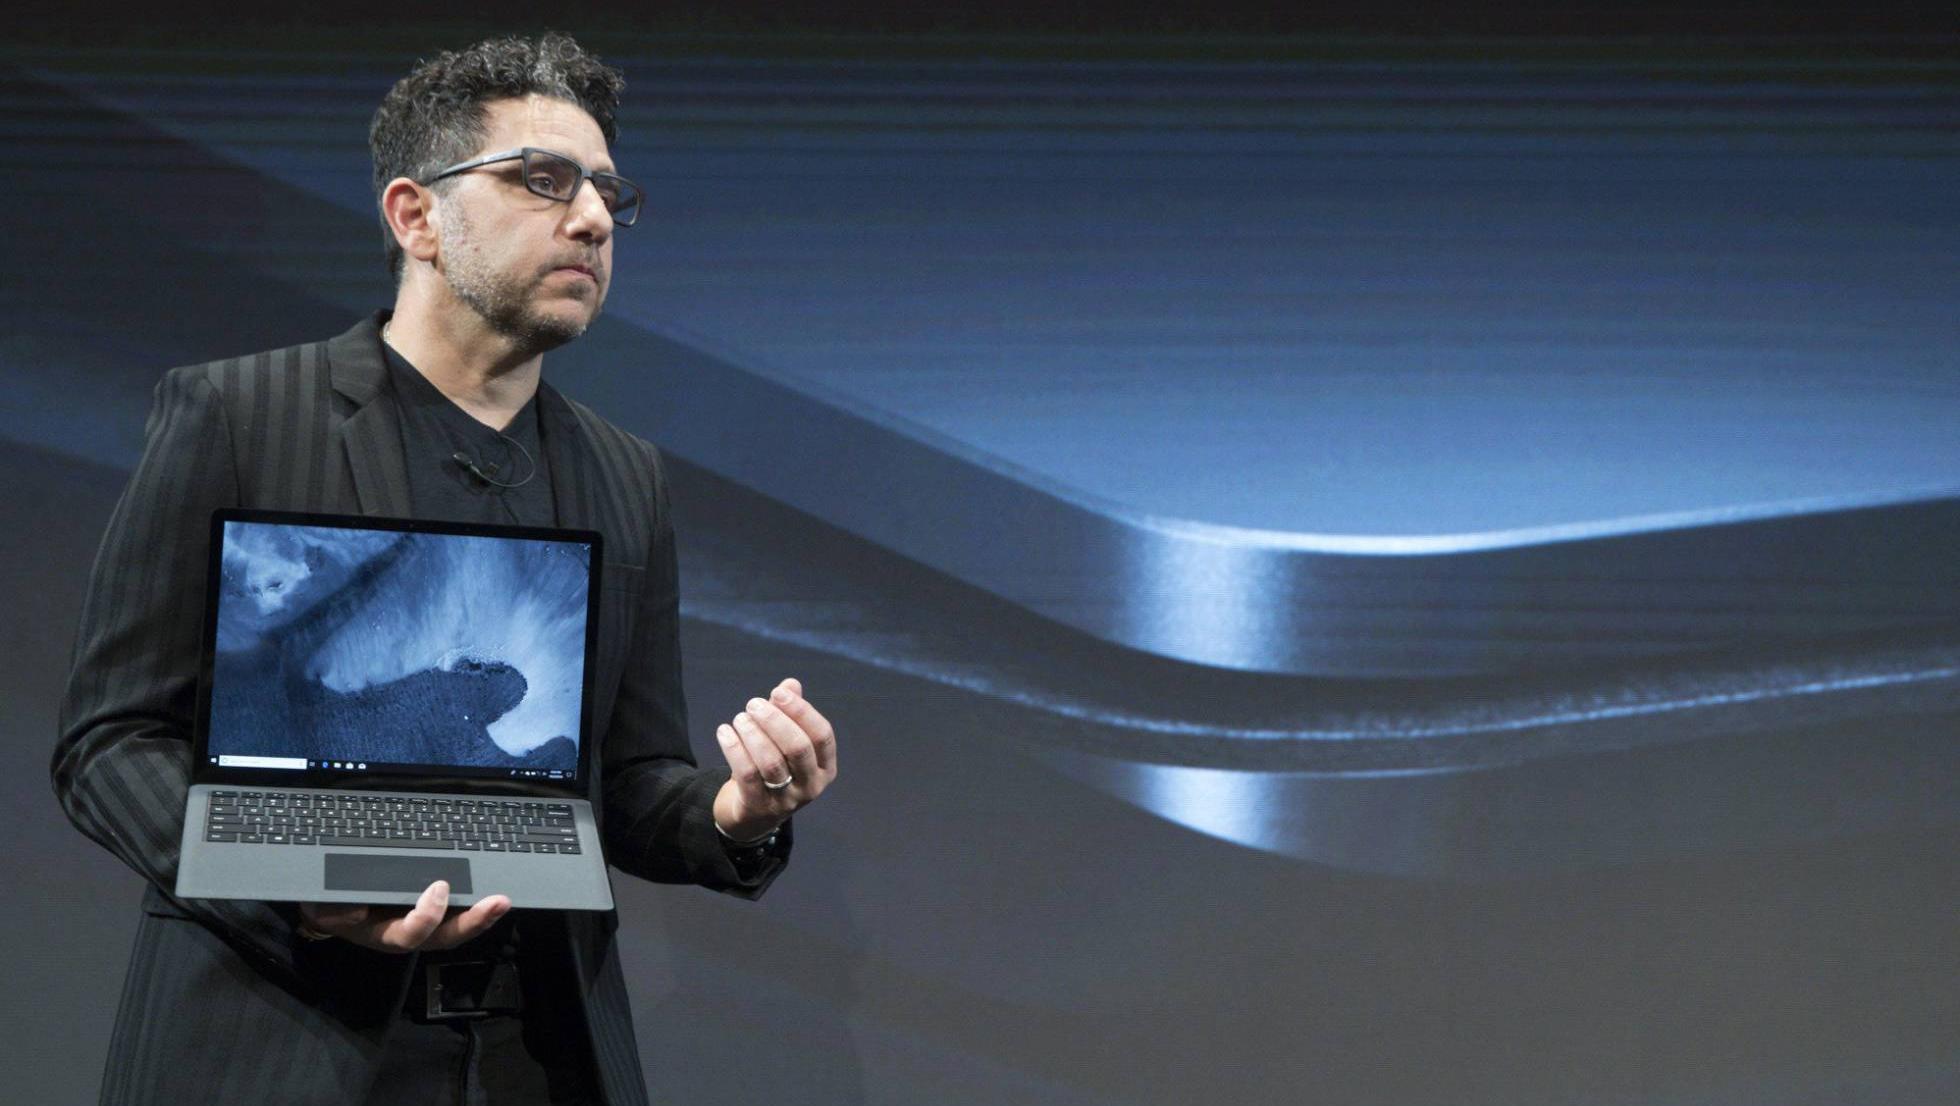 Panos Panay, jefe de producto de Microsoft, presenta el Surface Laptop 2, en Nueva York.